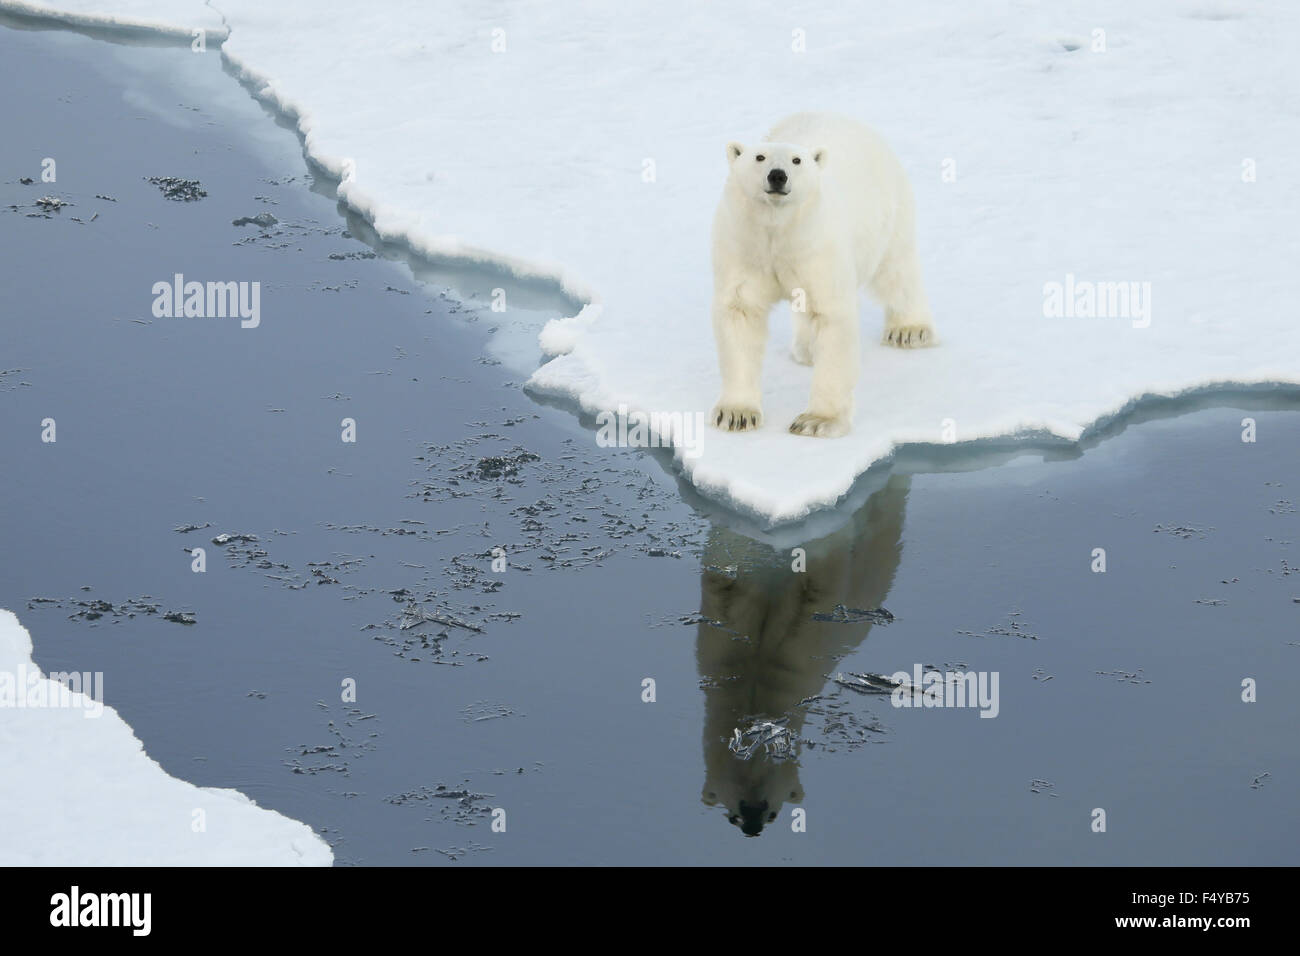 Le Groenland, Scoresby Sound, l'ours se dresse sur le bord de la glace de mer, jusqu'à avec reflet Photo Stock